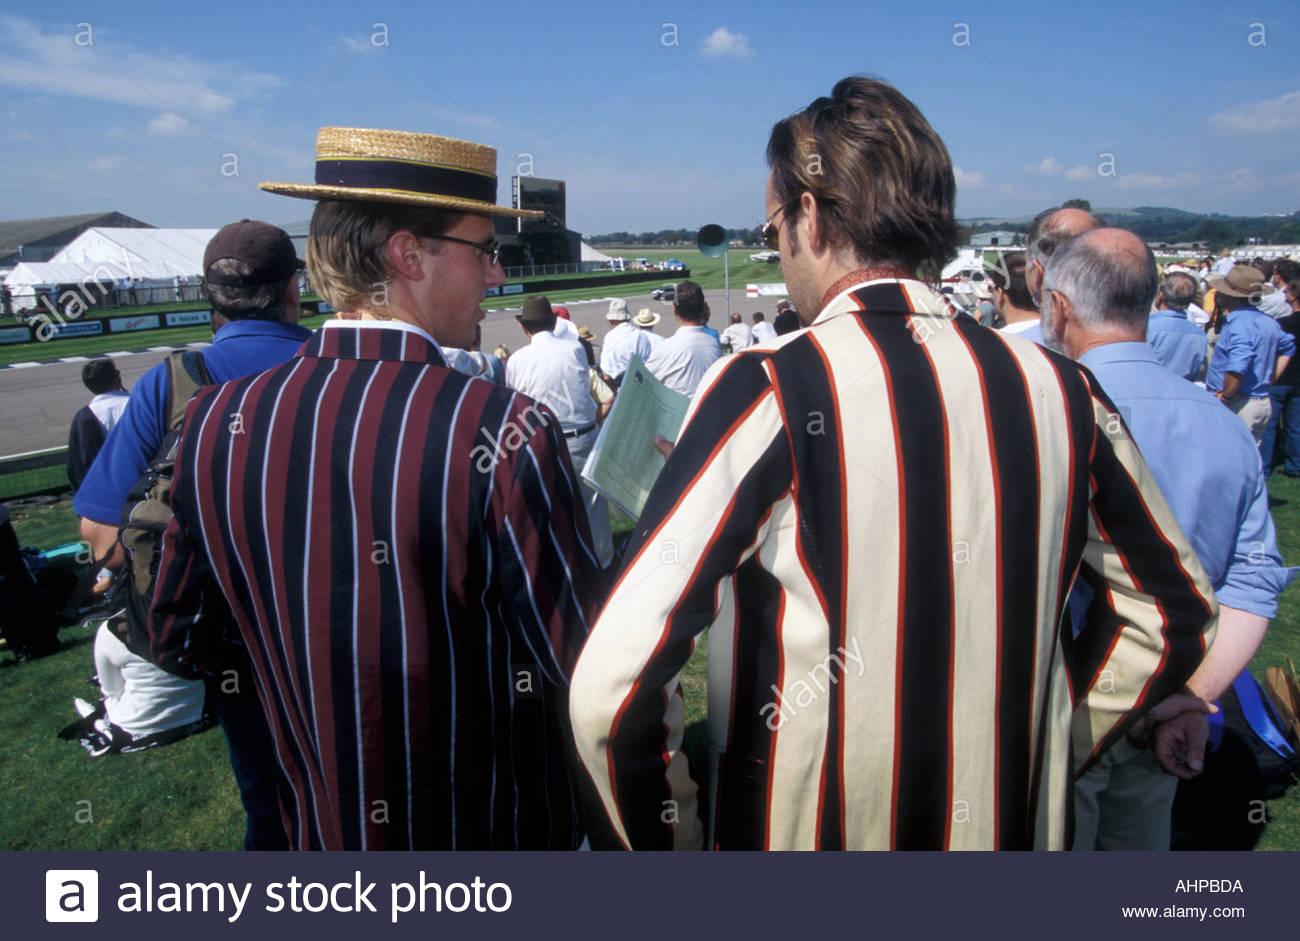 Oldtimer Treffen Goodwood Rennstrecke mit Zuschauer tragen historische Kostüme 2004 UK Stockfoto